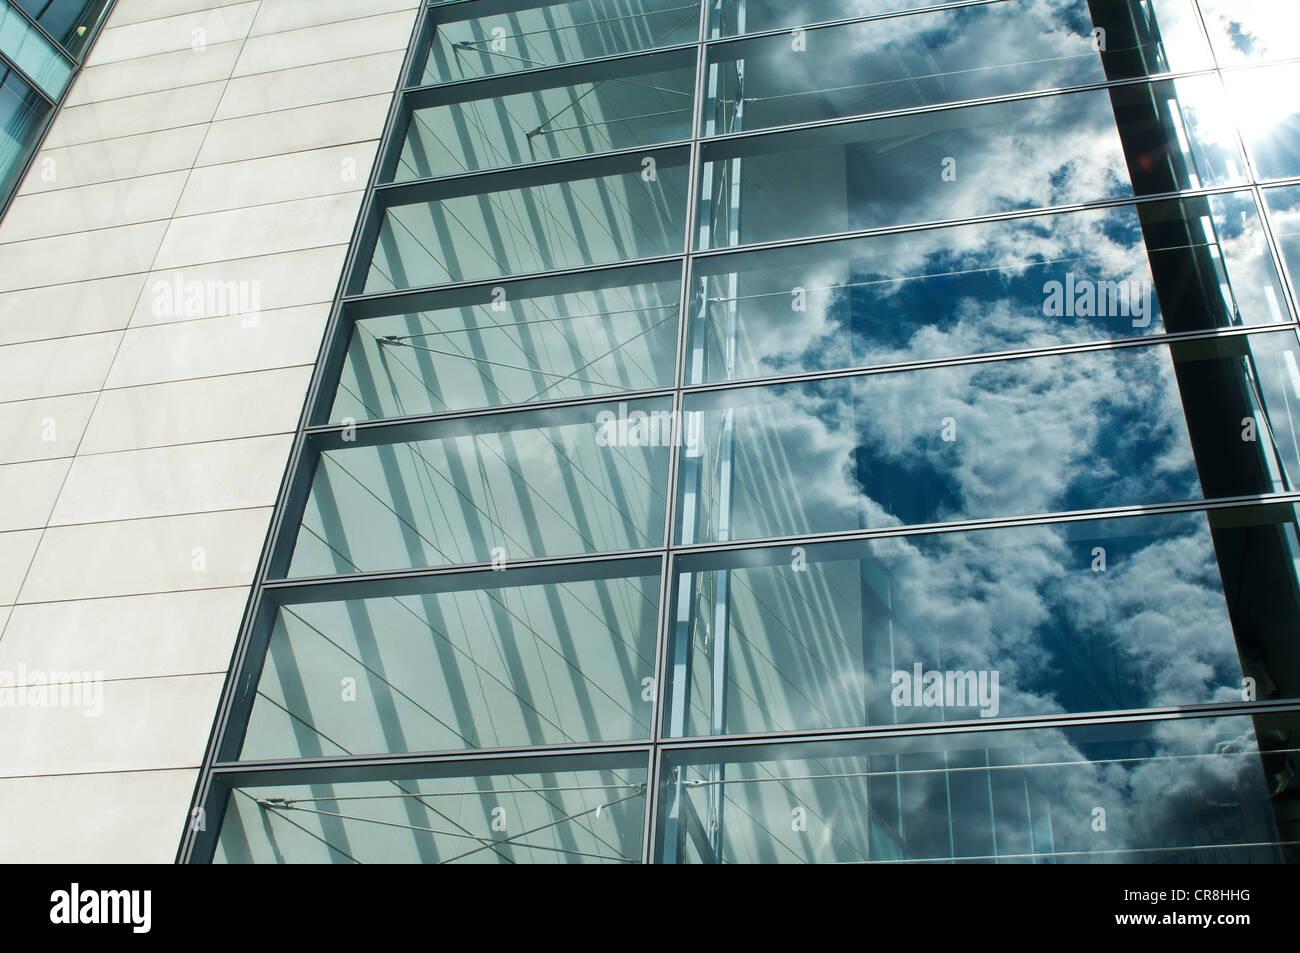 Nublado cielo azul reflejado en las ventanas de las oficinas Imagen De Stock